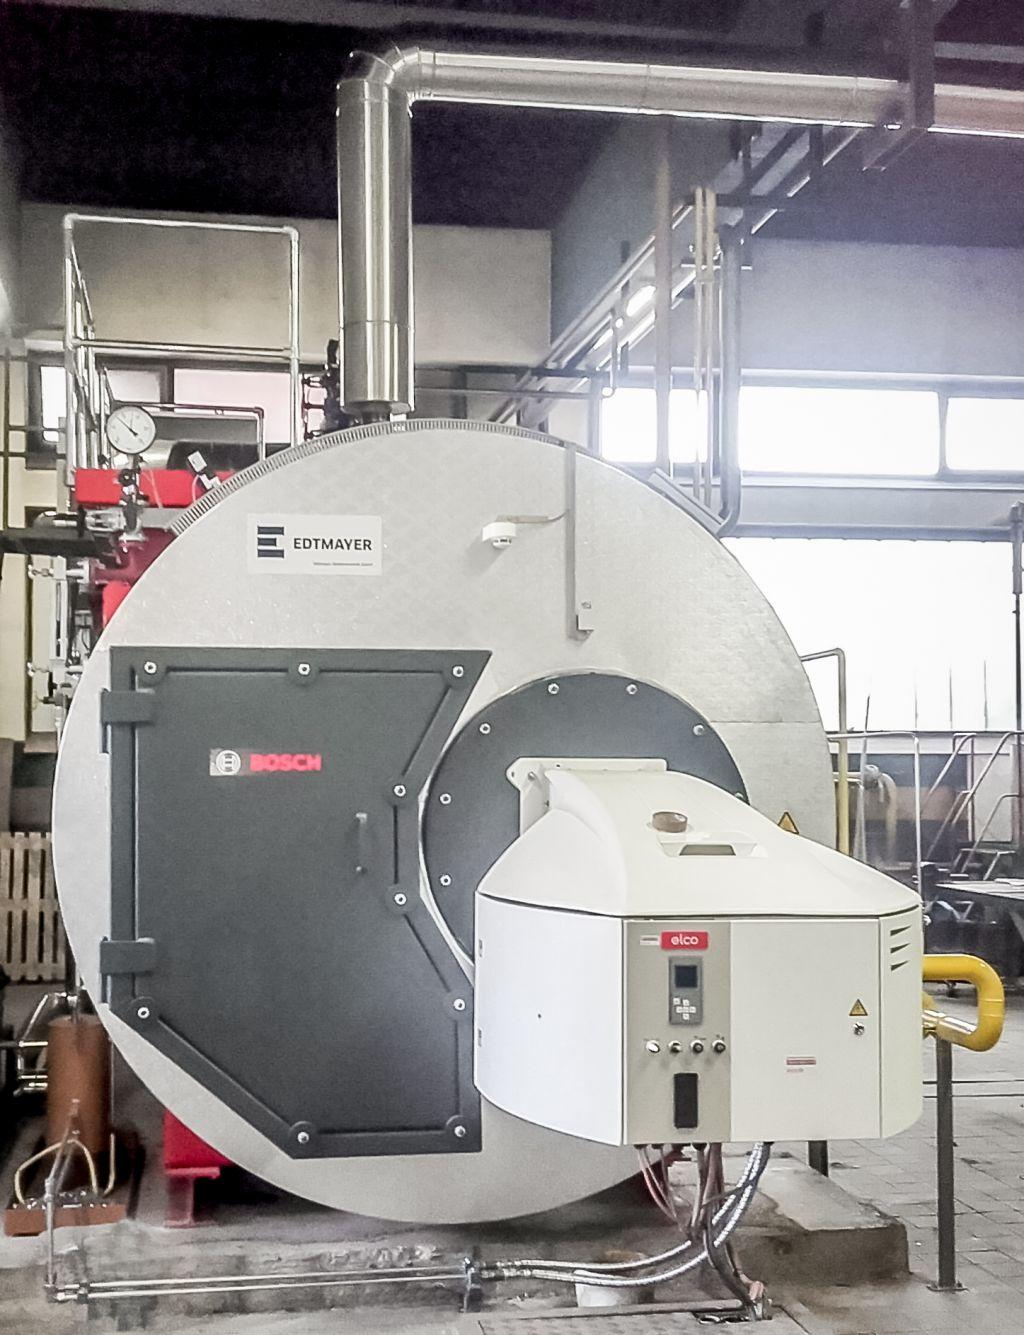 Kärntnermilch | Edtmayer Systemtechnik GmbH